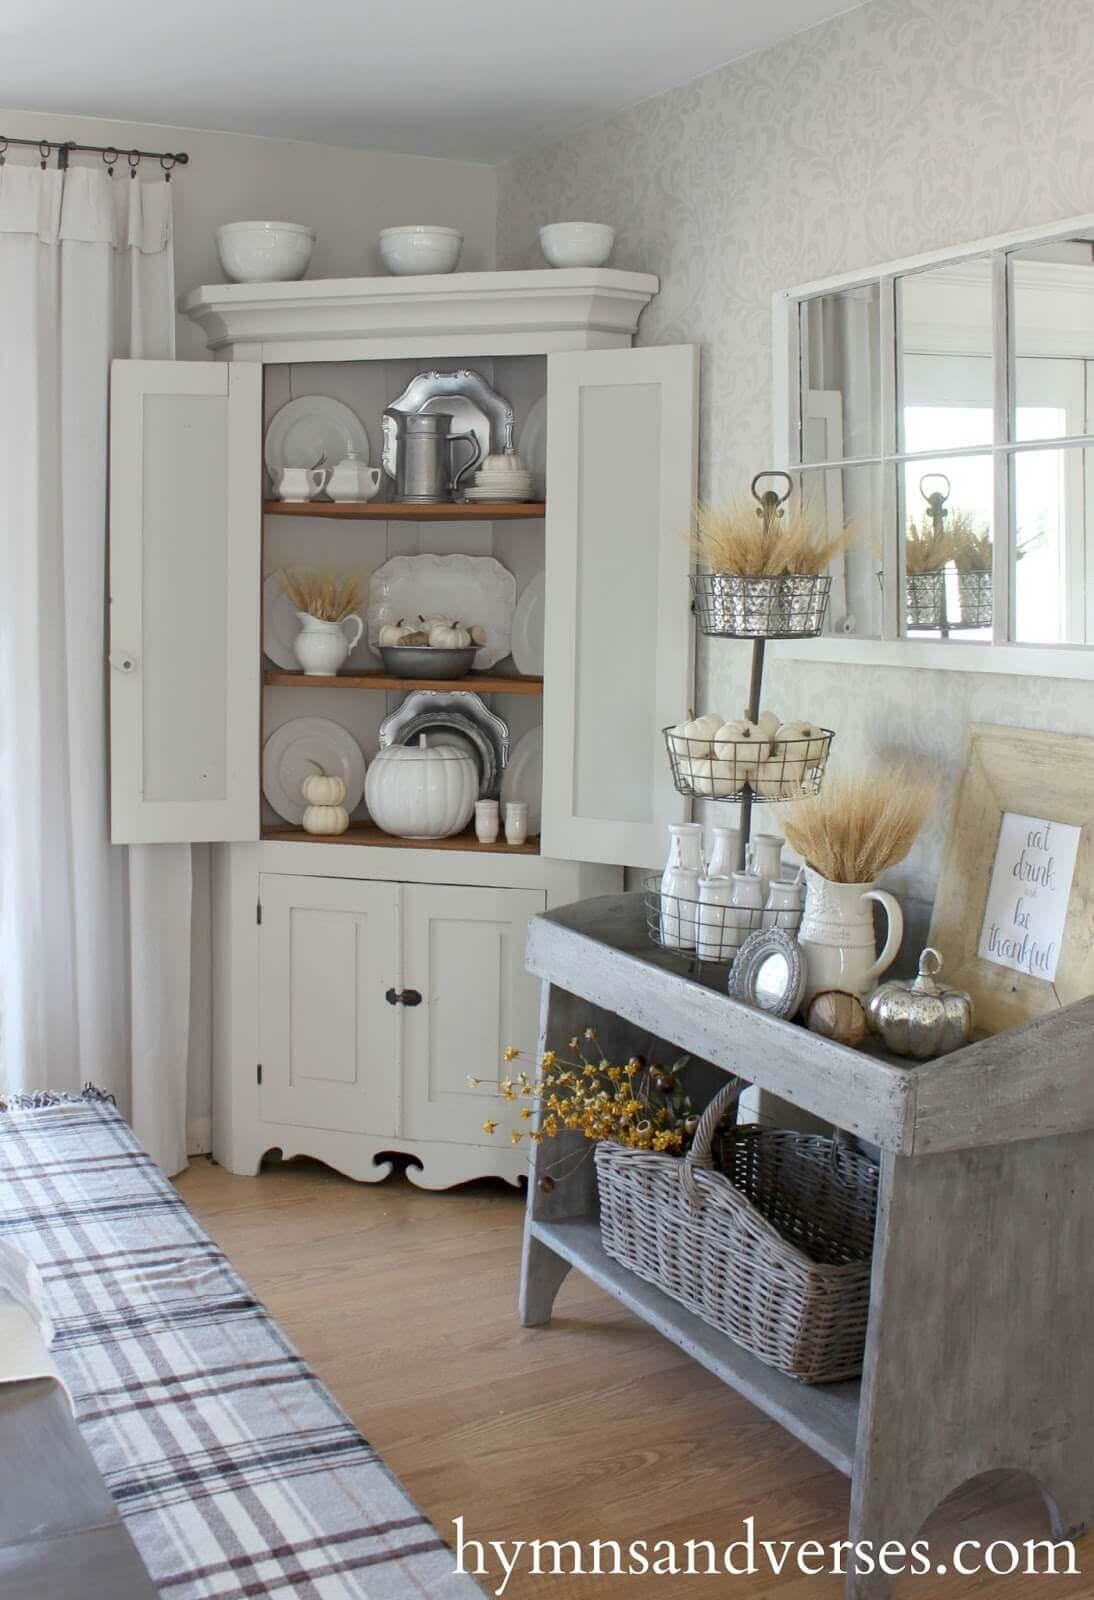 Elegant All White Built-In Corner Cabinet